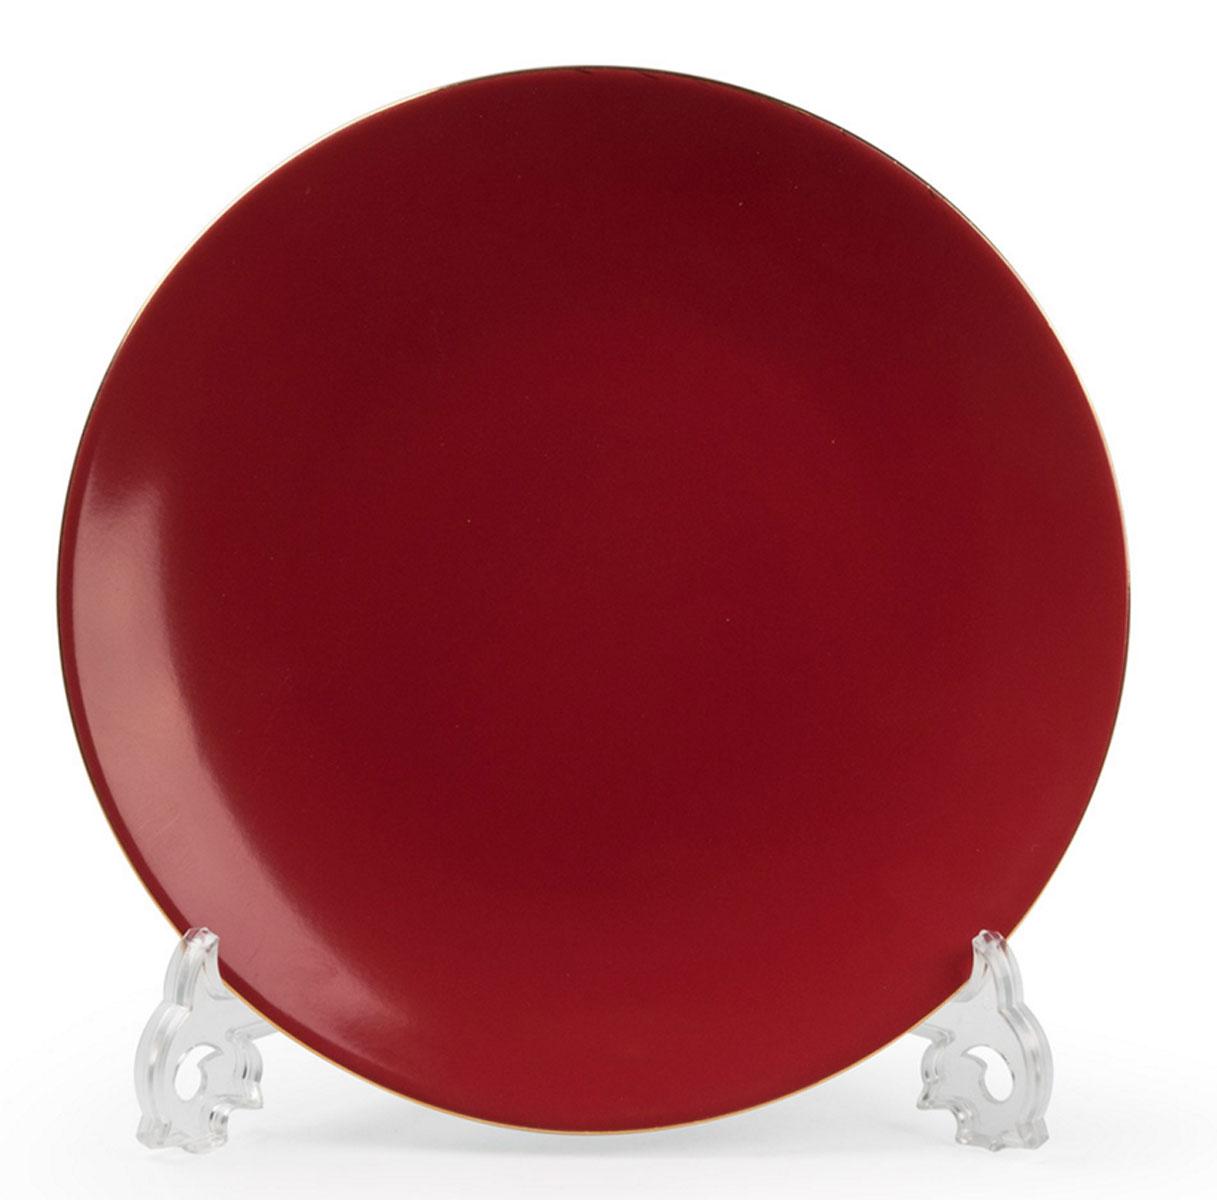 Monalisa 3125 набор глубоких тарелок*6 шт, цвет: красный с золотом5 591 053 125в наборе глубокая тарелка 6 штук